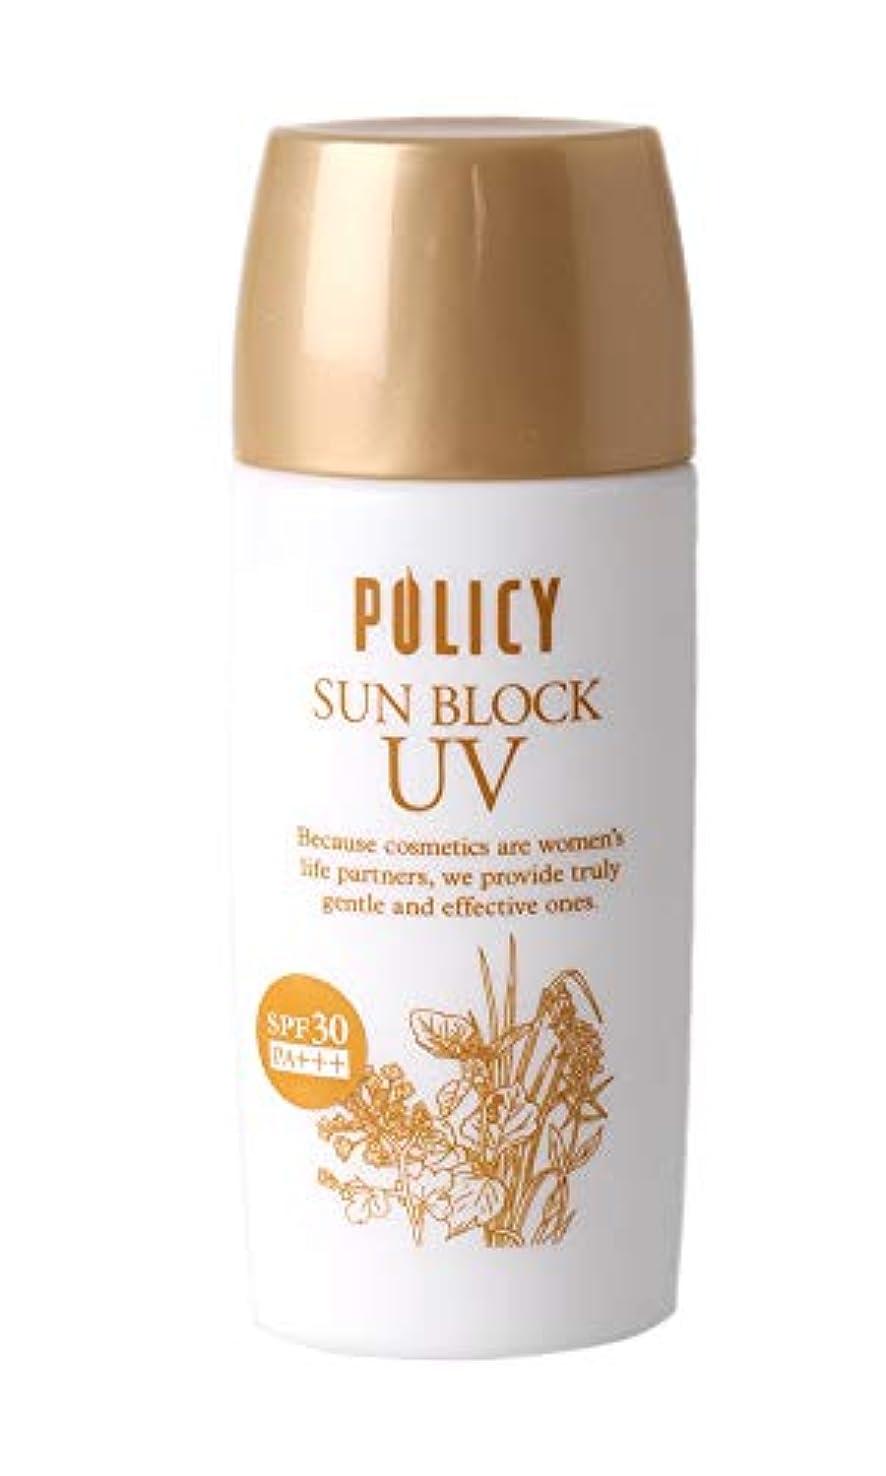 ローズ逸脱スイングポリシー化粧品 サンブロック 55g 日焼け止め ローション 天然 UVケア 美白 成分配合 紫外線 A波 B波 カット 敏感肌 乾燥肌 に SPF30 PA+++